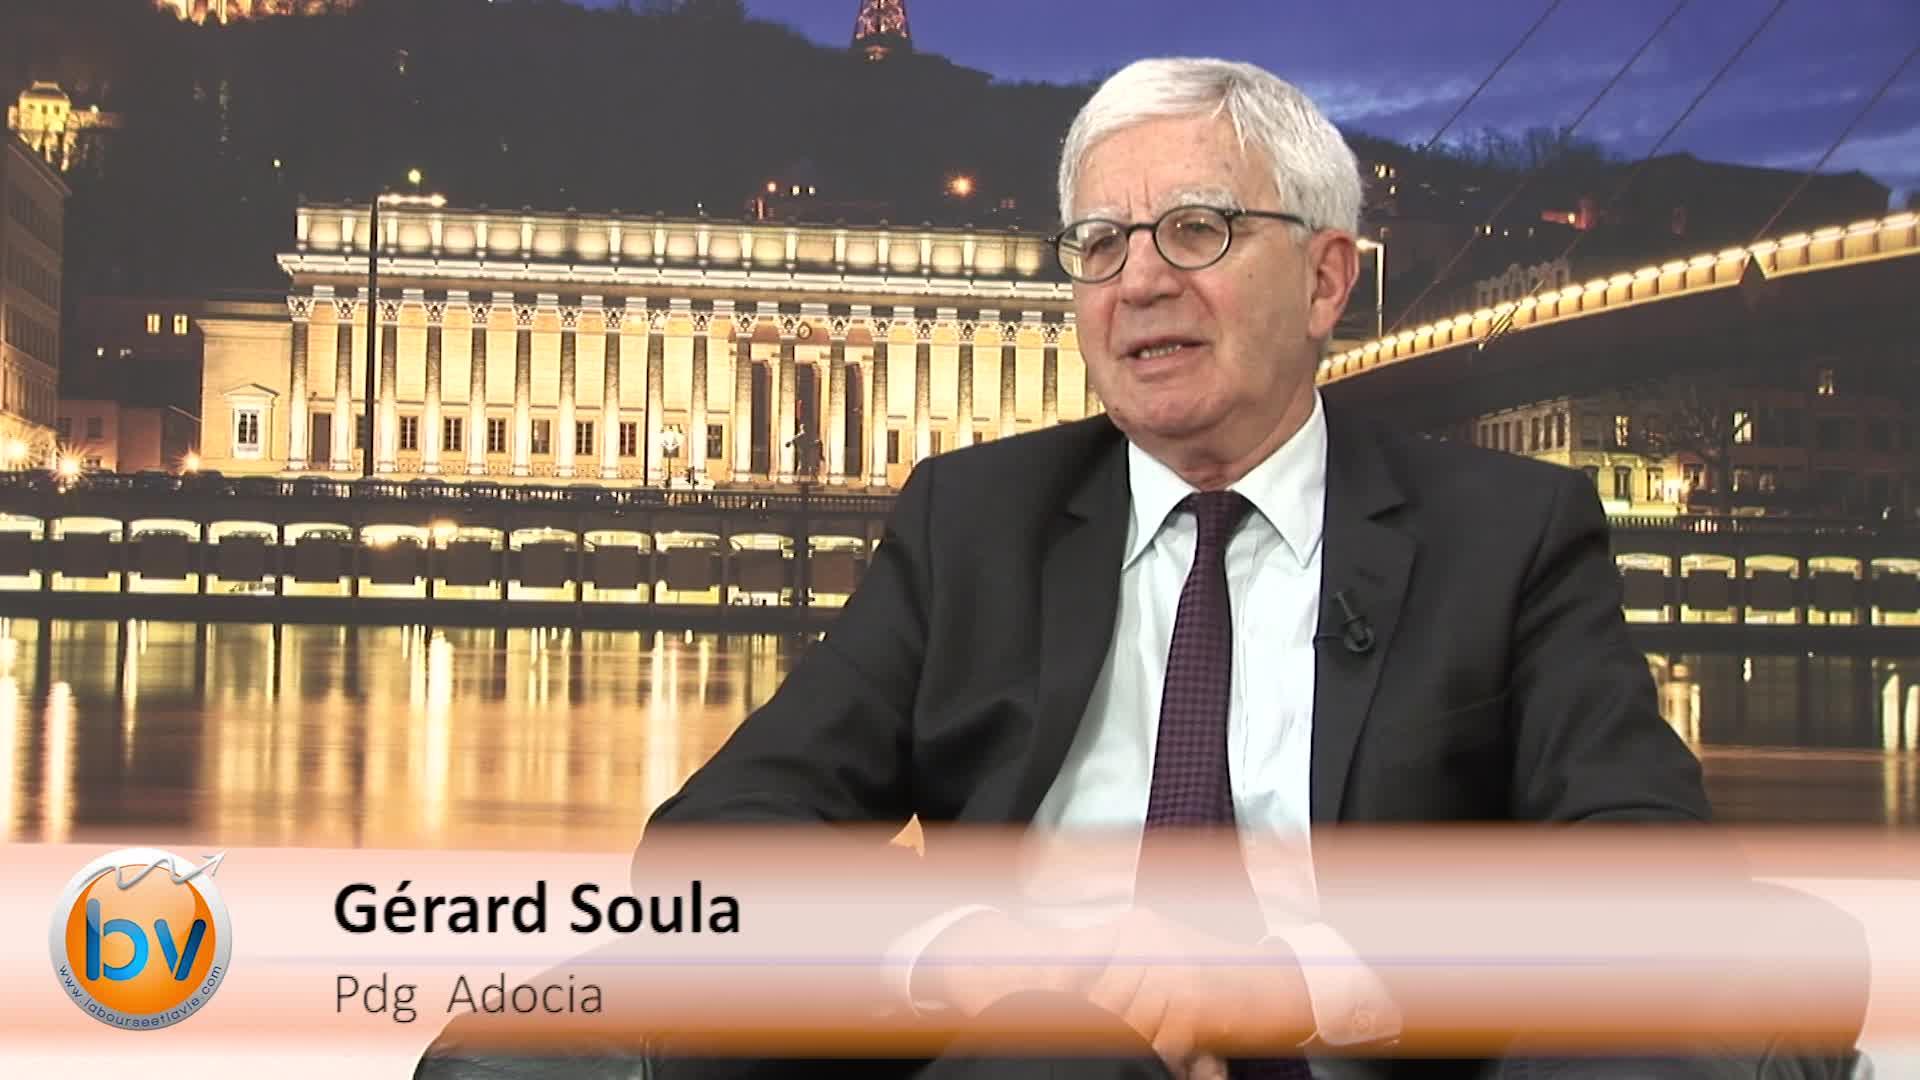 Gérard Soula Pdg Adocia : «Nous assemblons toutes les pièces du puzzle pour l'Ultra-fast»